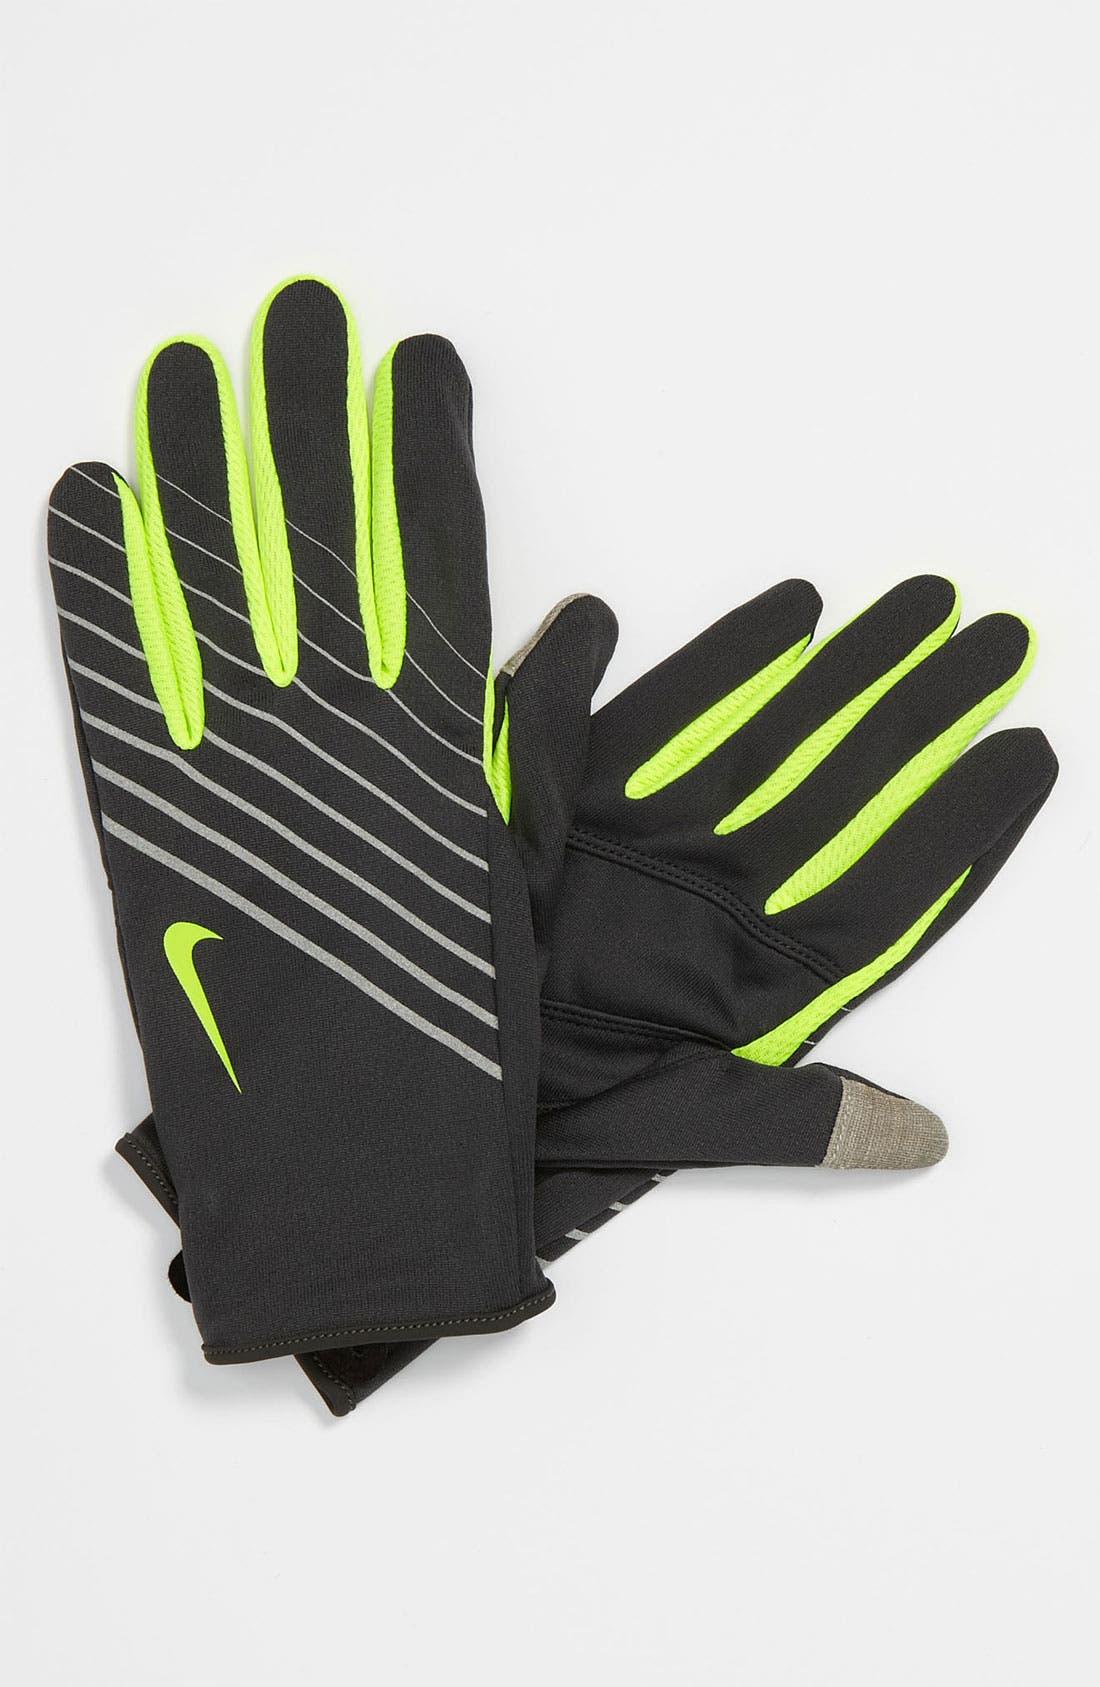 Main Image - Nike 'Tech' Lightweight Running Gloves